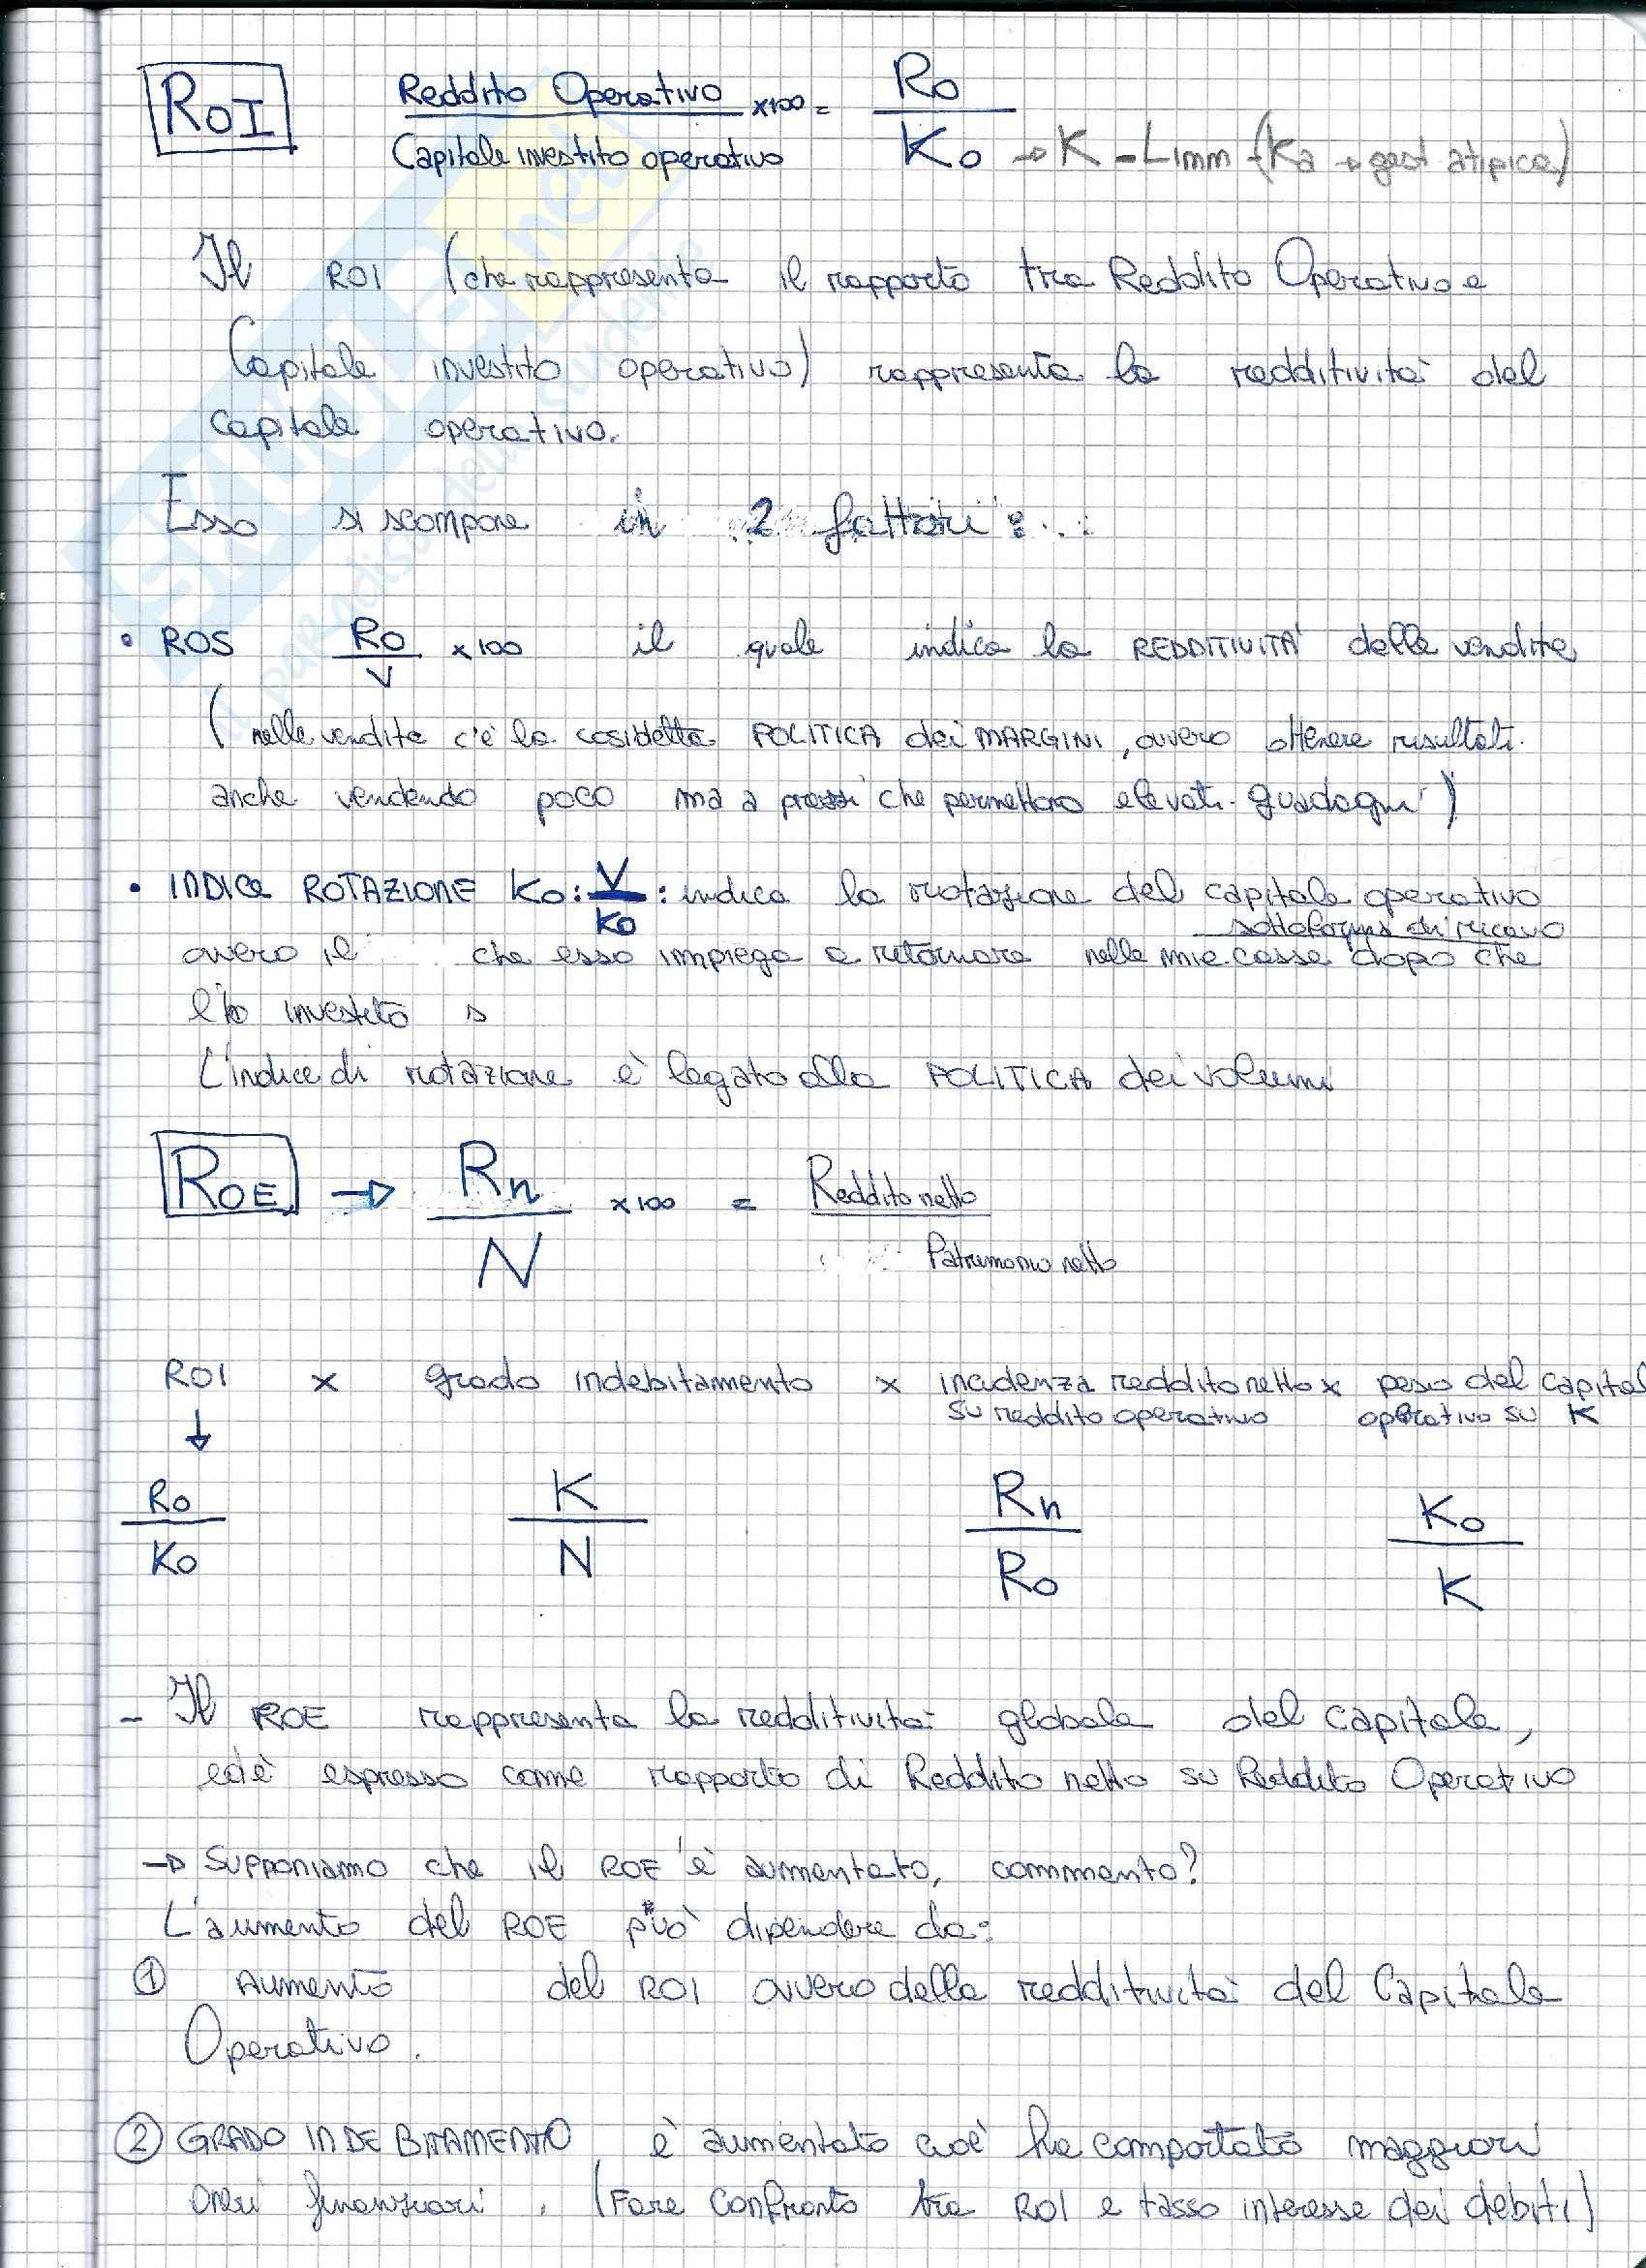 Ragioneria - Analisi per indici dello Stato Patrimoniale e Conto Economico Pag. 6